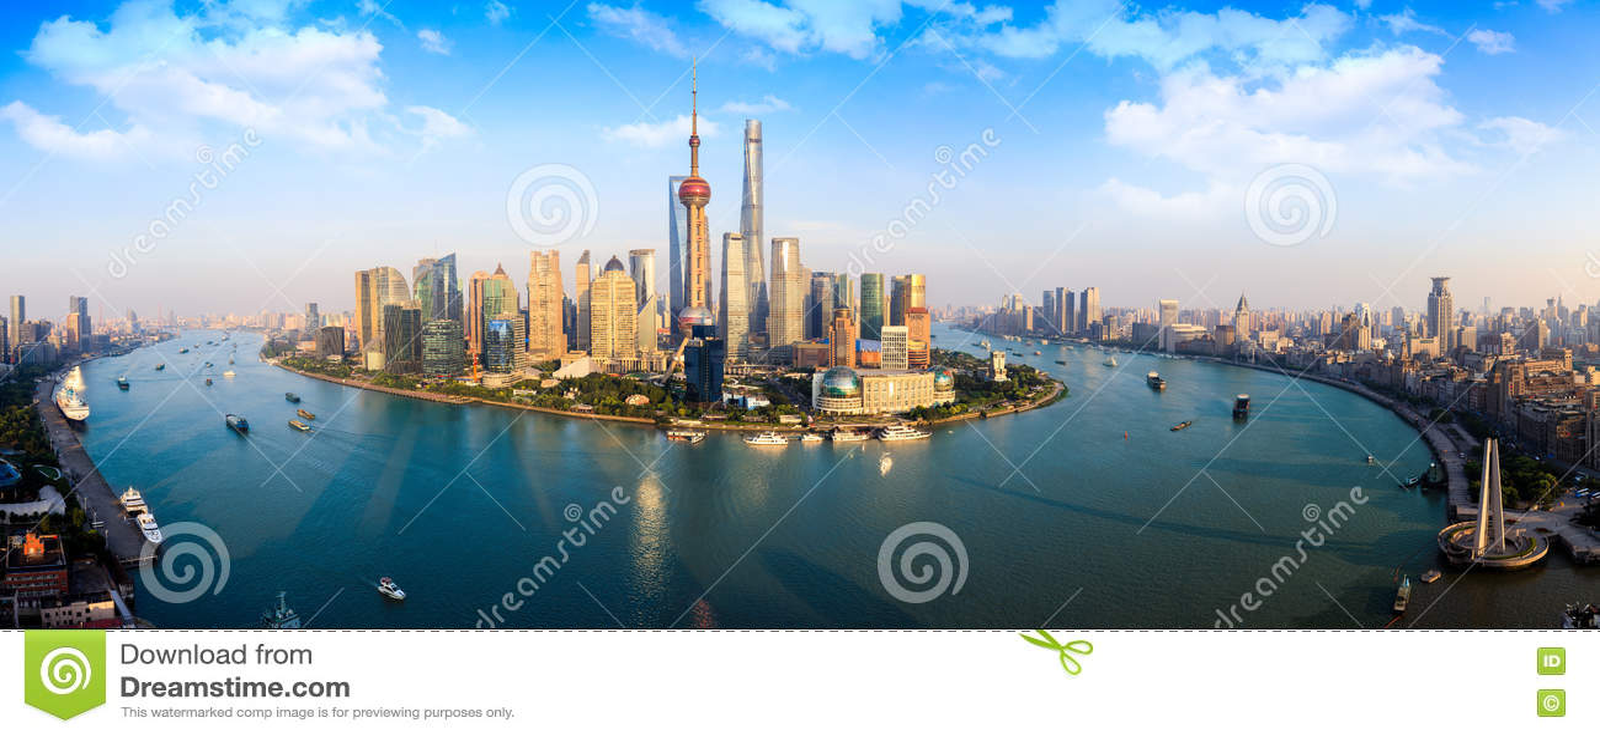 Arranha-céus de Shanghai Lujiazui CBD